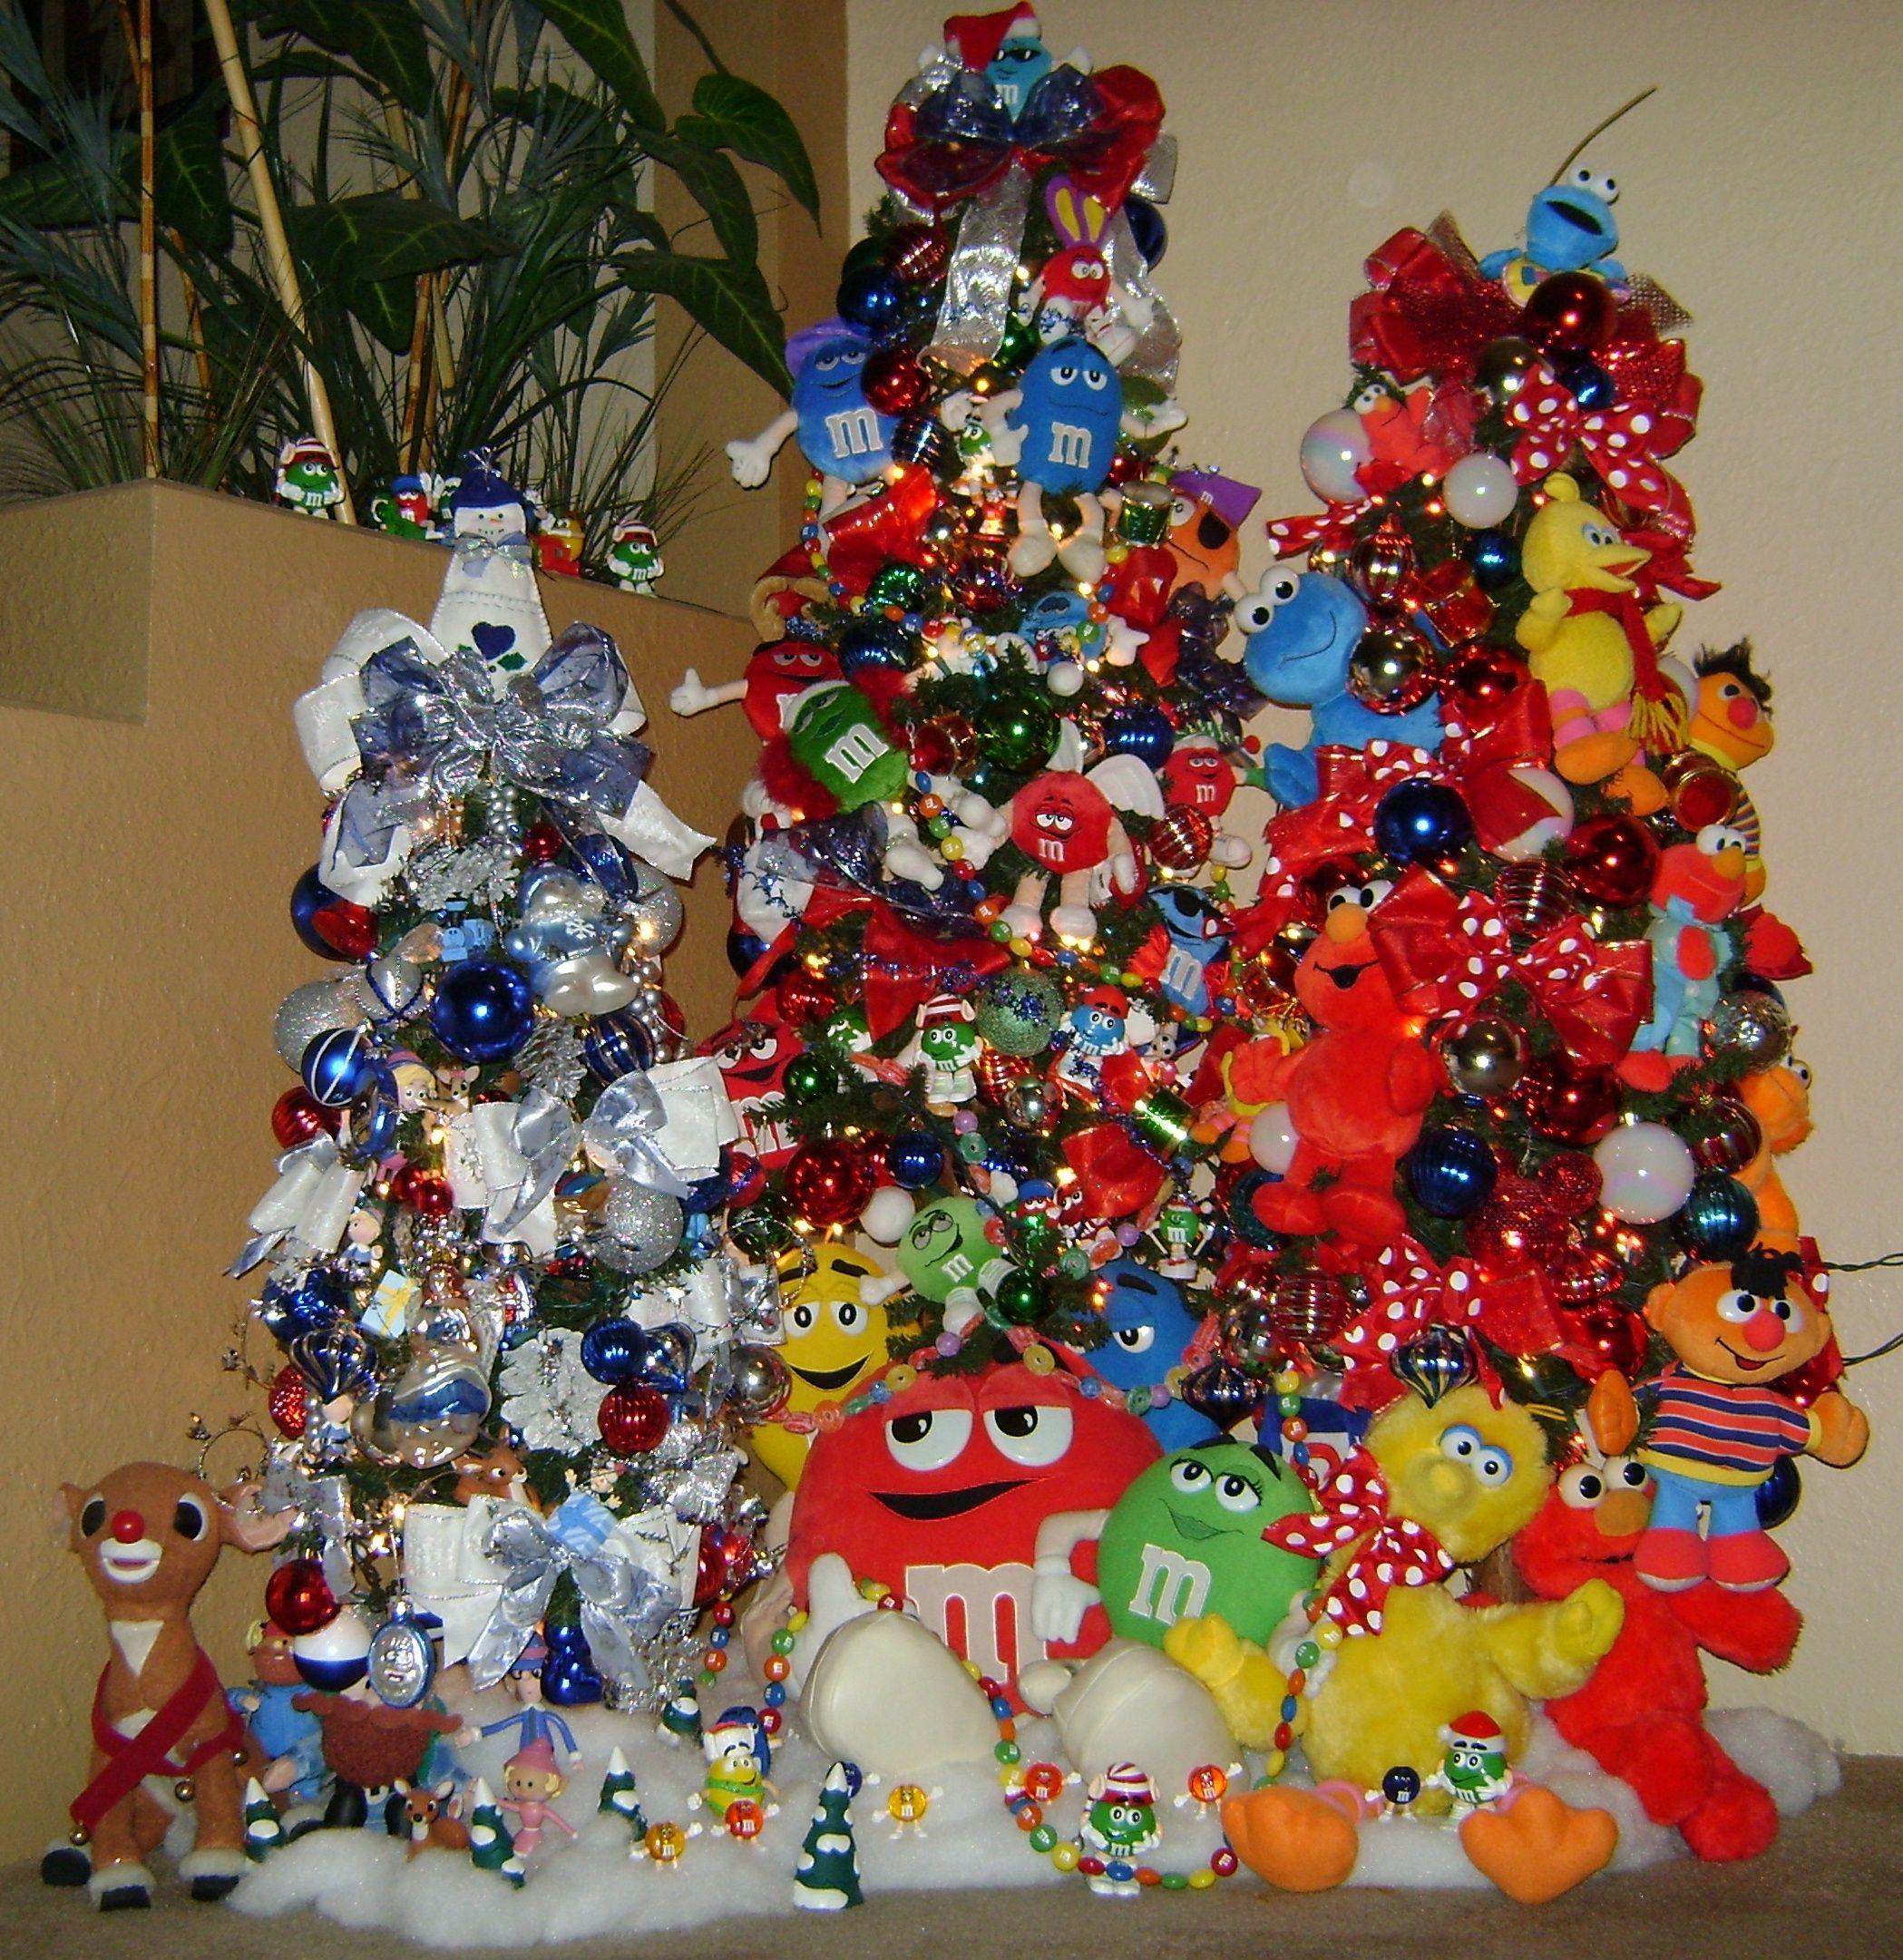 Decoracion de arboles navide os navidad pinterest - Decoracion arboles navidenos ...